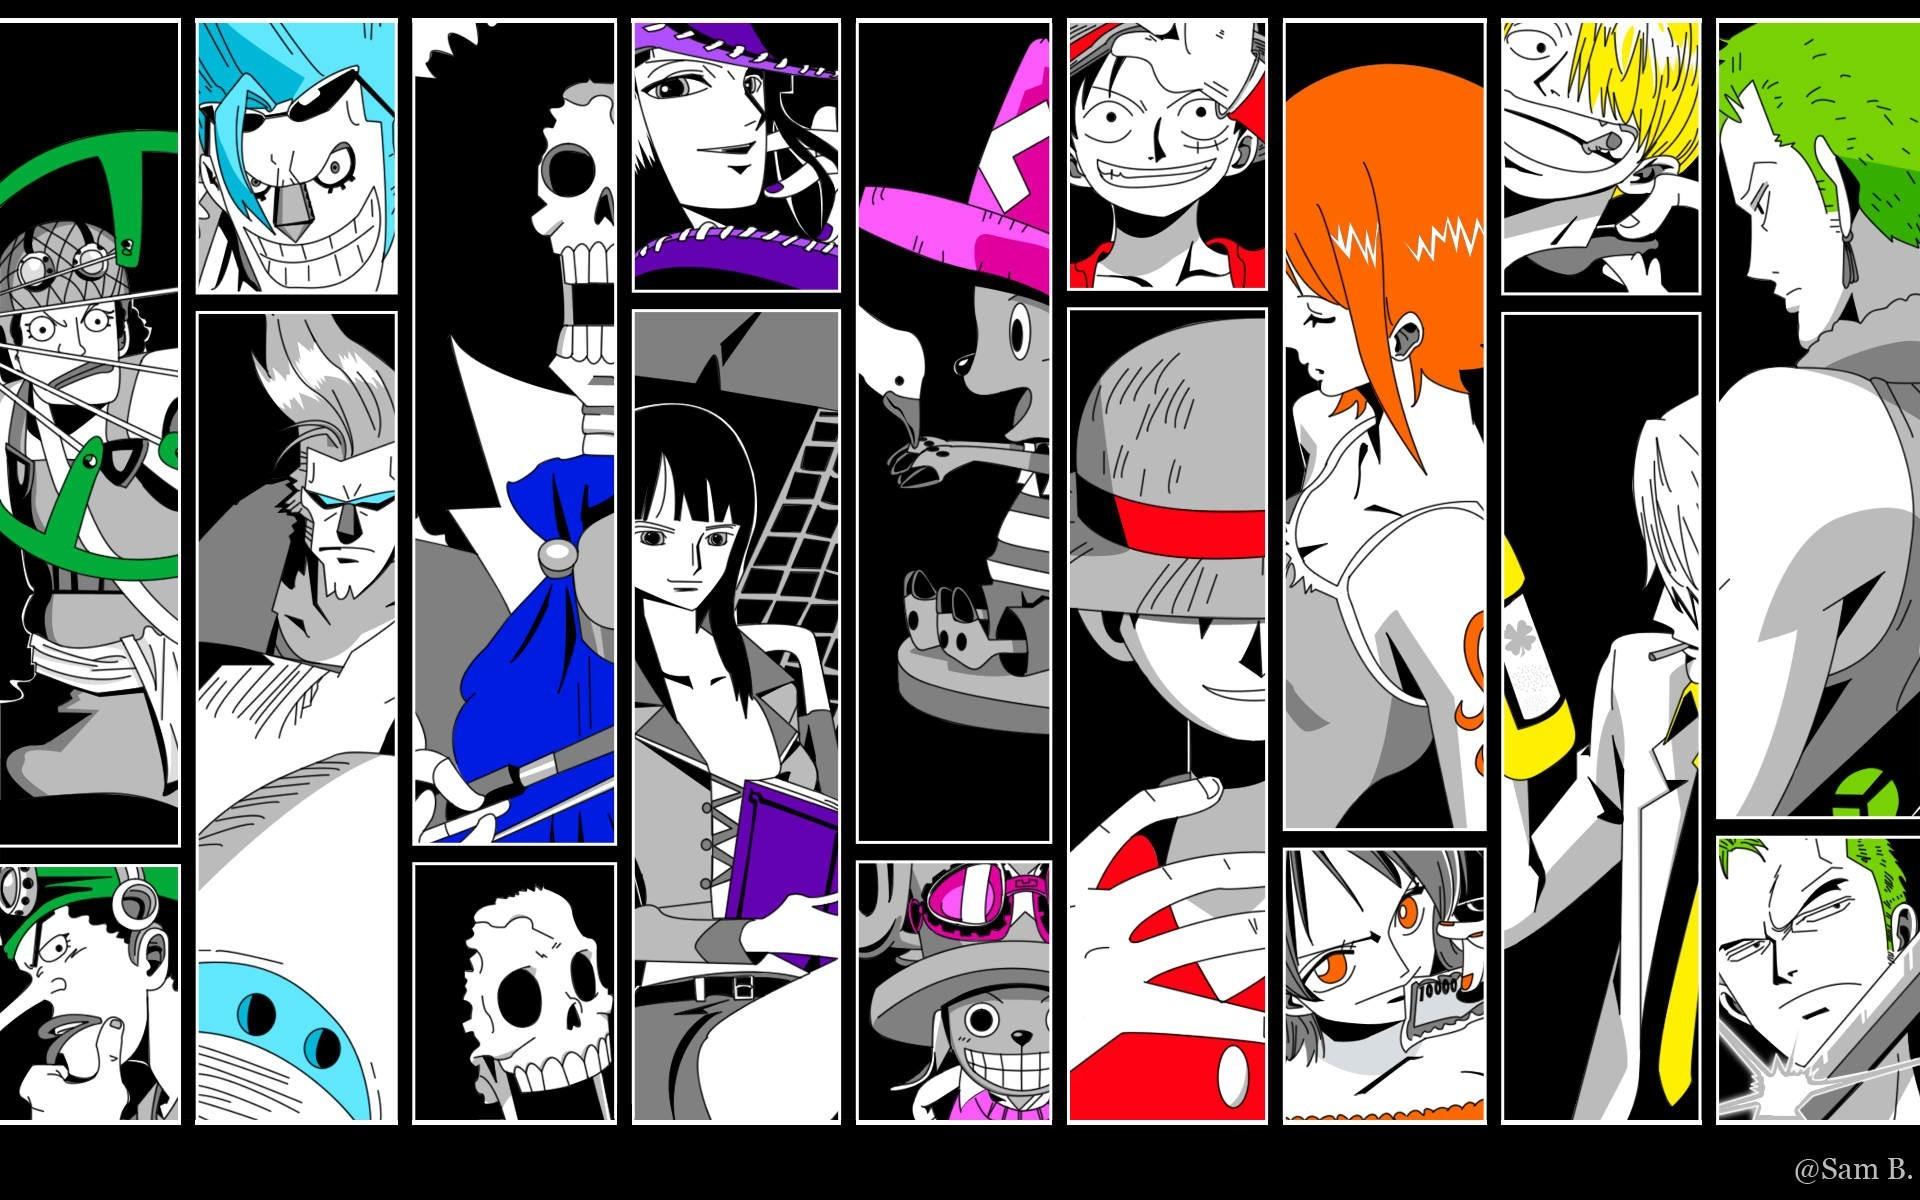 デスクトップ壁紙 図 アニメ 漫画 グラフィックデザイン